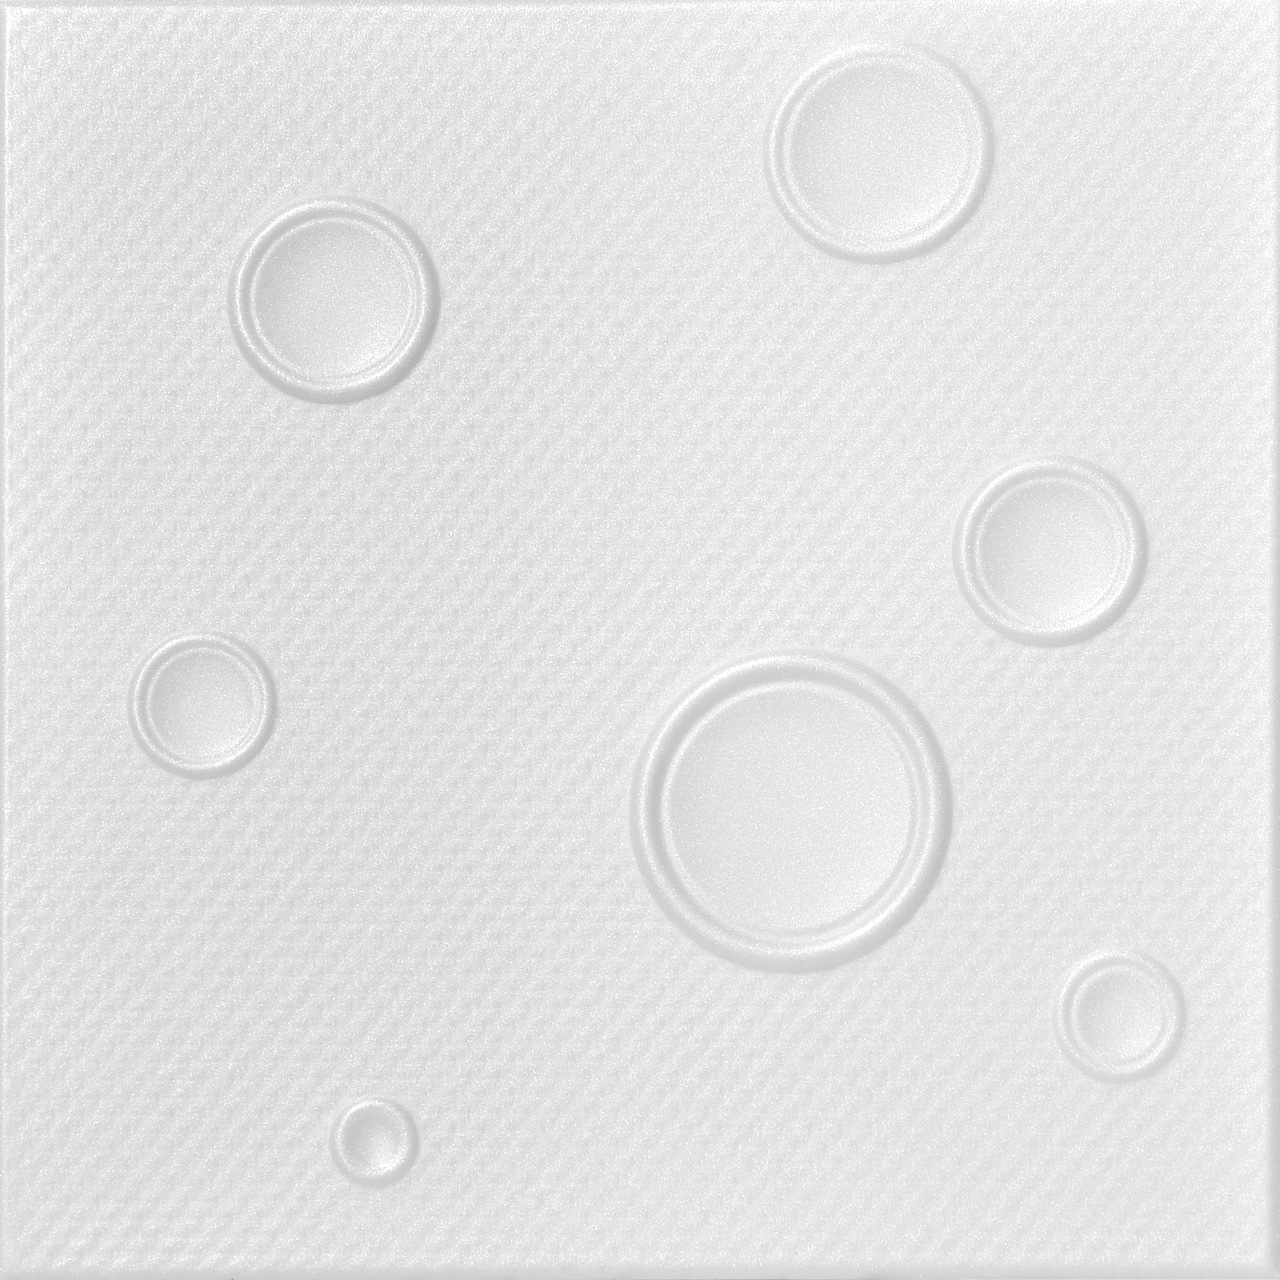 Bruno 1.6 ft. x 1.6 ft. Foam Glue-up Ceiling Tile in Plain White (21.6 sq. ft./Case)